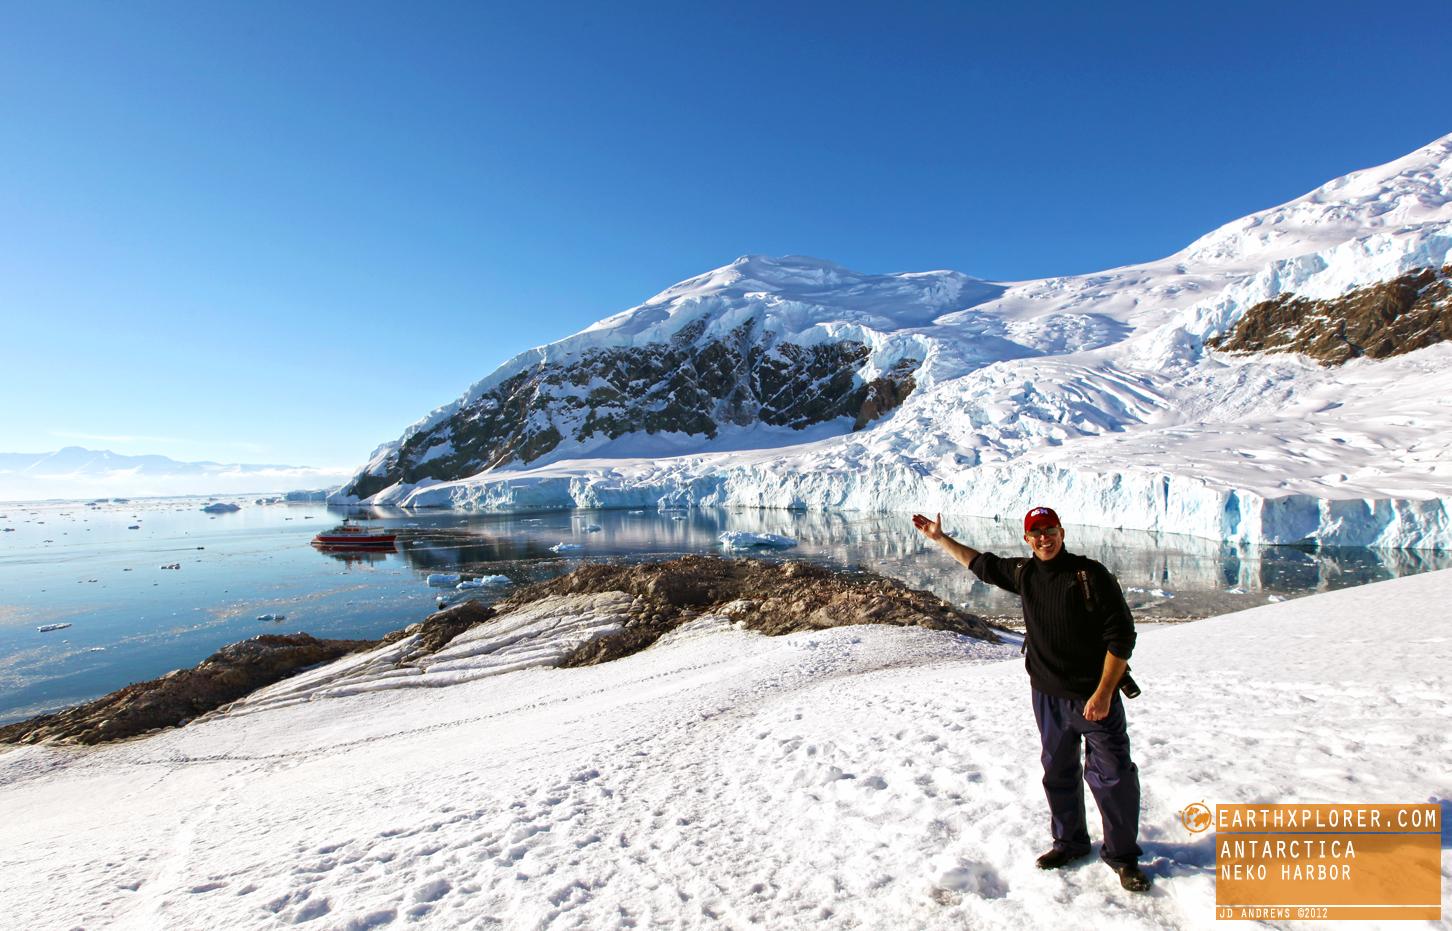 Neko Harbor - Antarctica